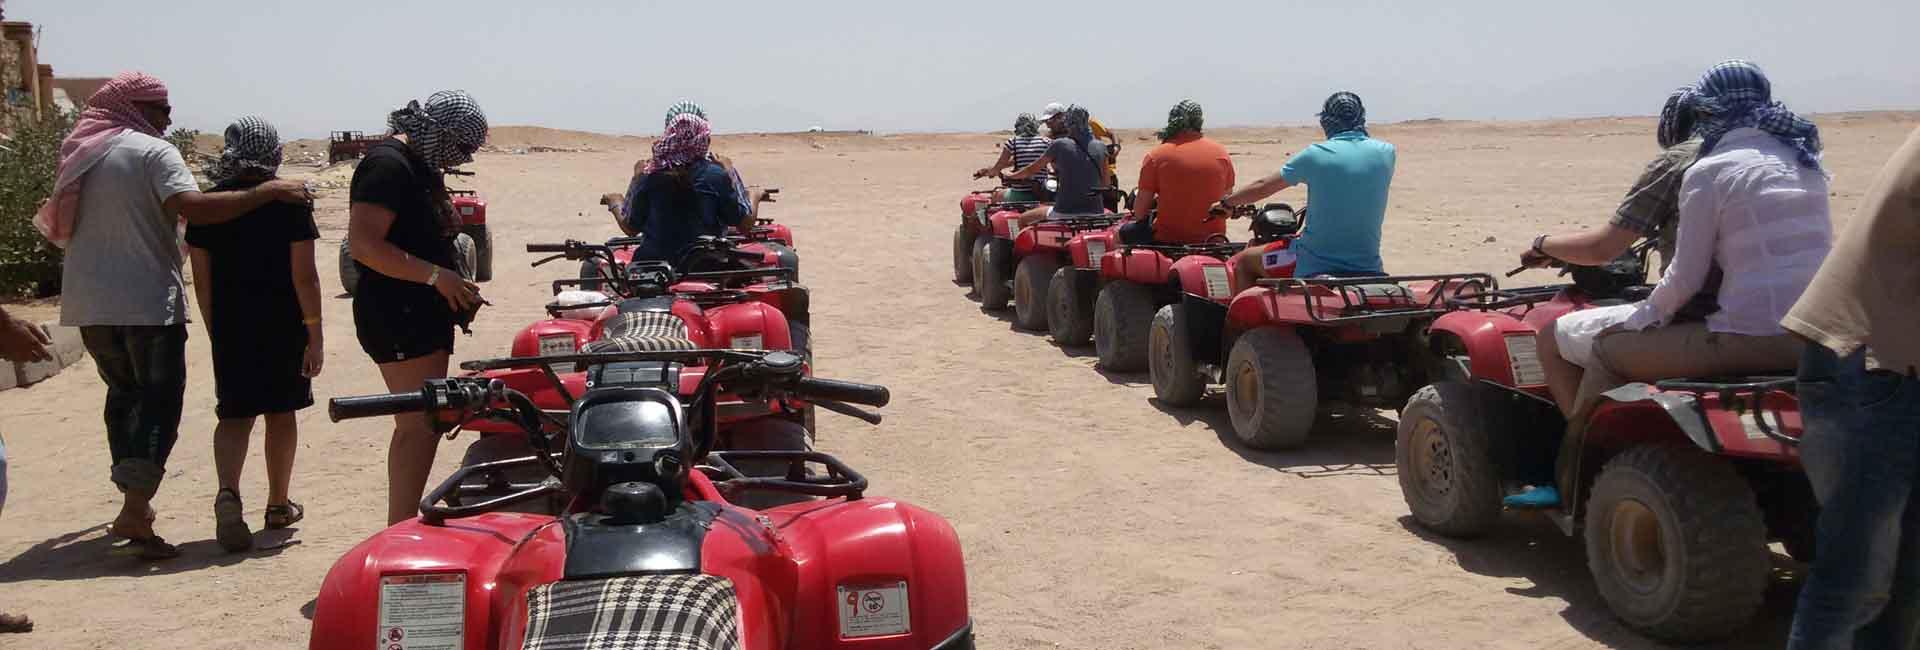 Desert Safari Trip In Hurghada